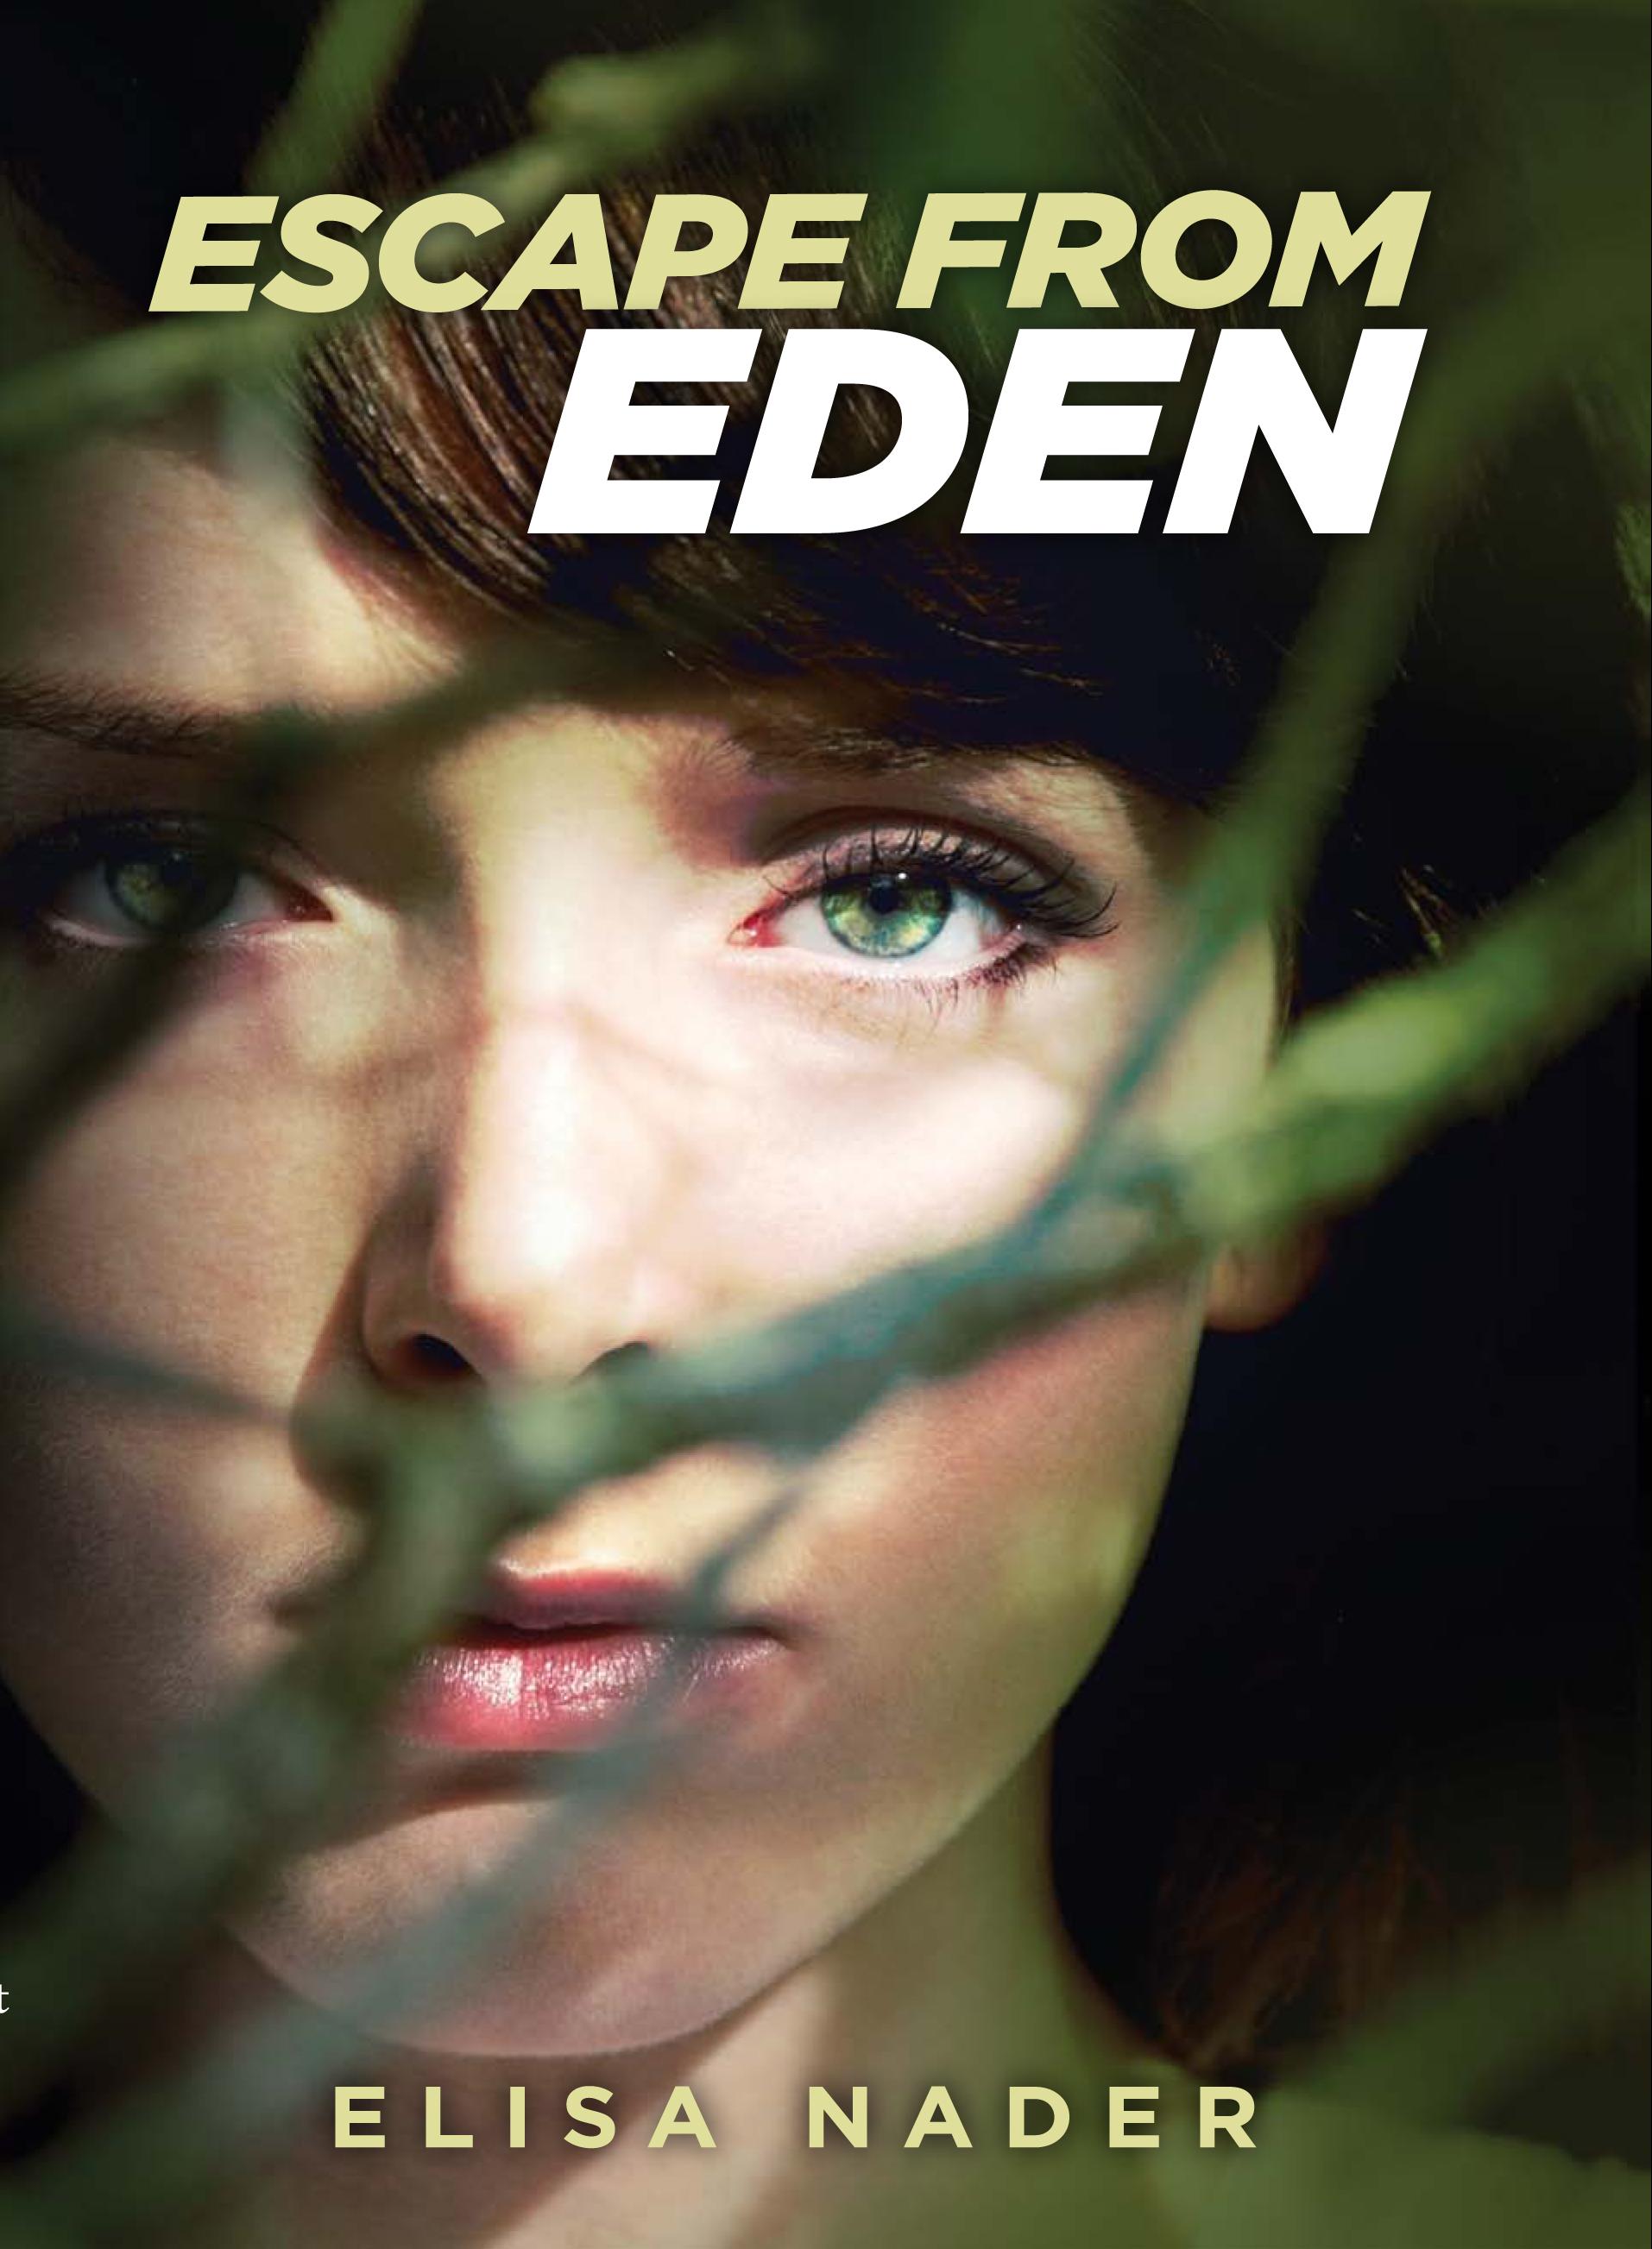 ESCAPEfromEDEN_Cover